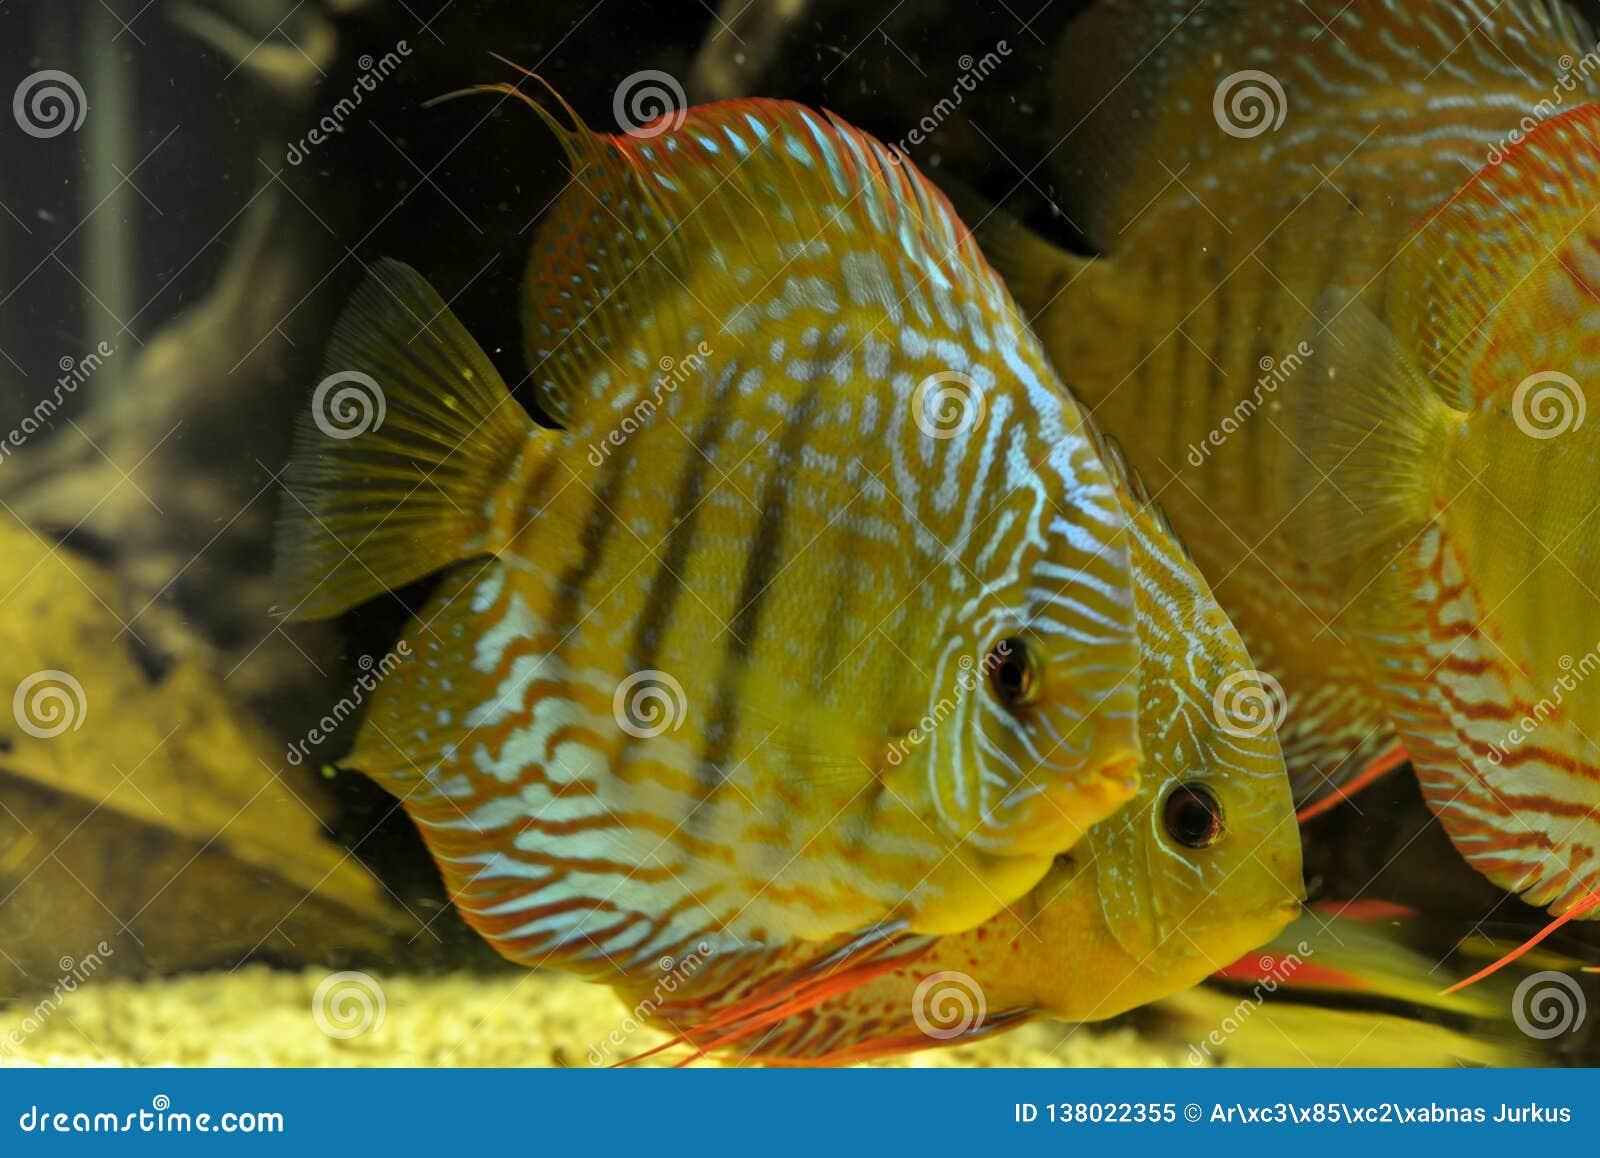 Diskusfisk Symphysodon Aequifasciatus i akvarium